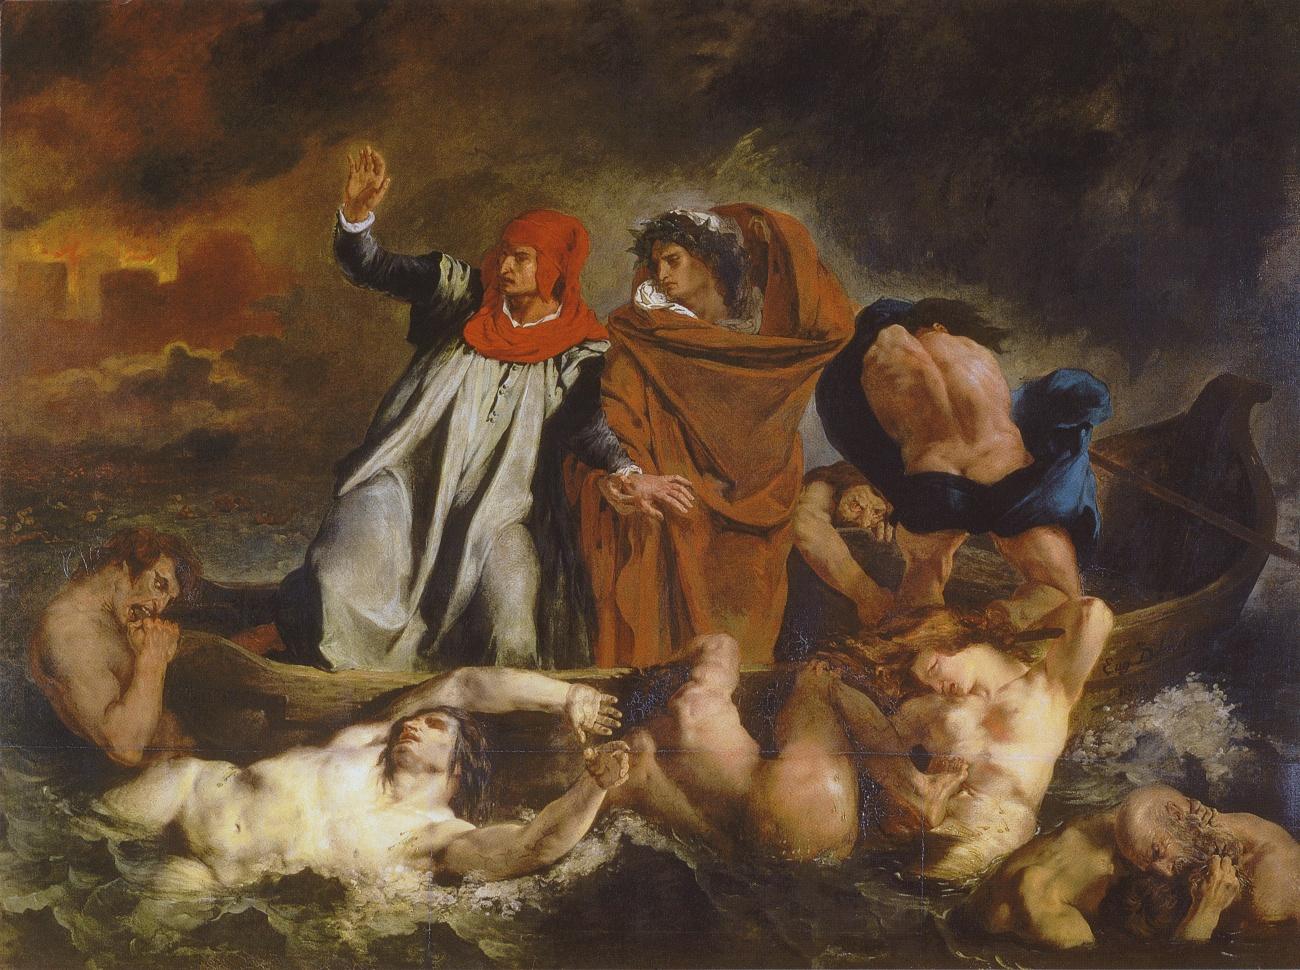 Эжен Делакруа, 1822 год, картина «Ладья Данте».